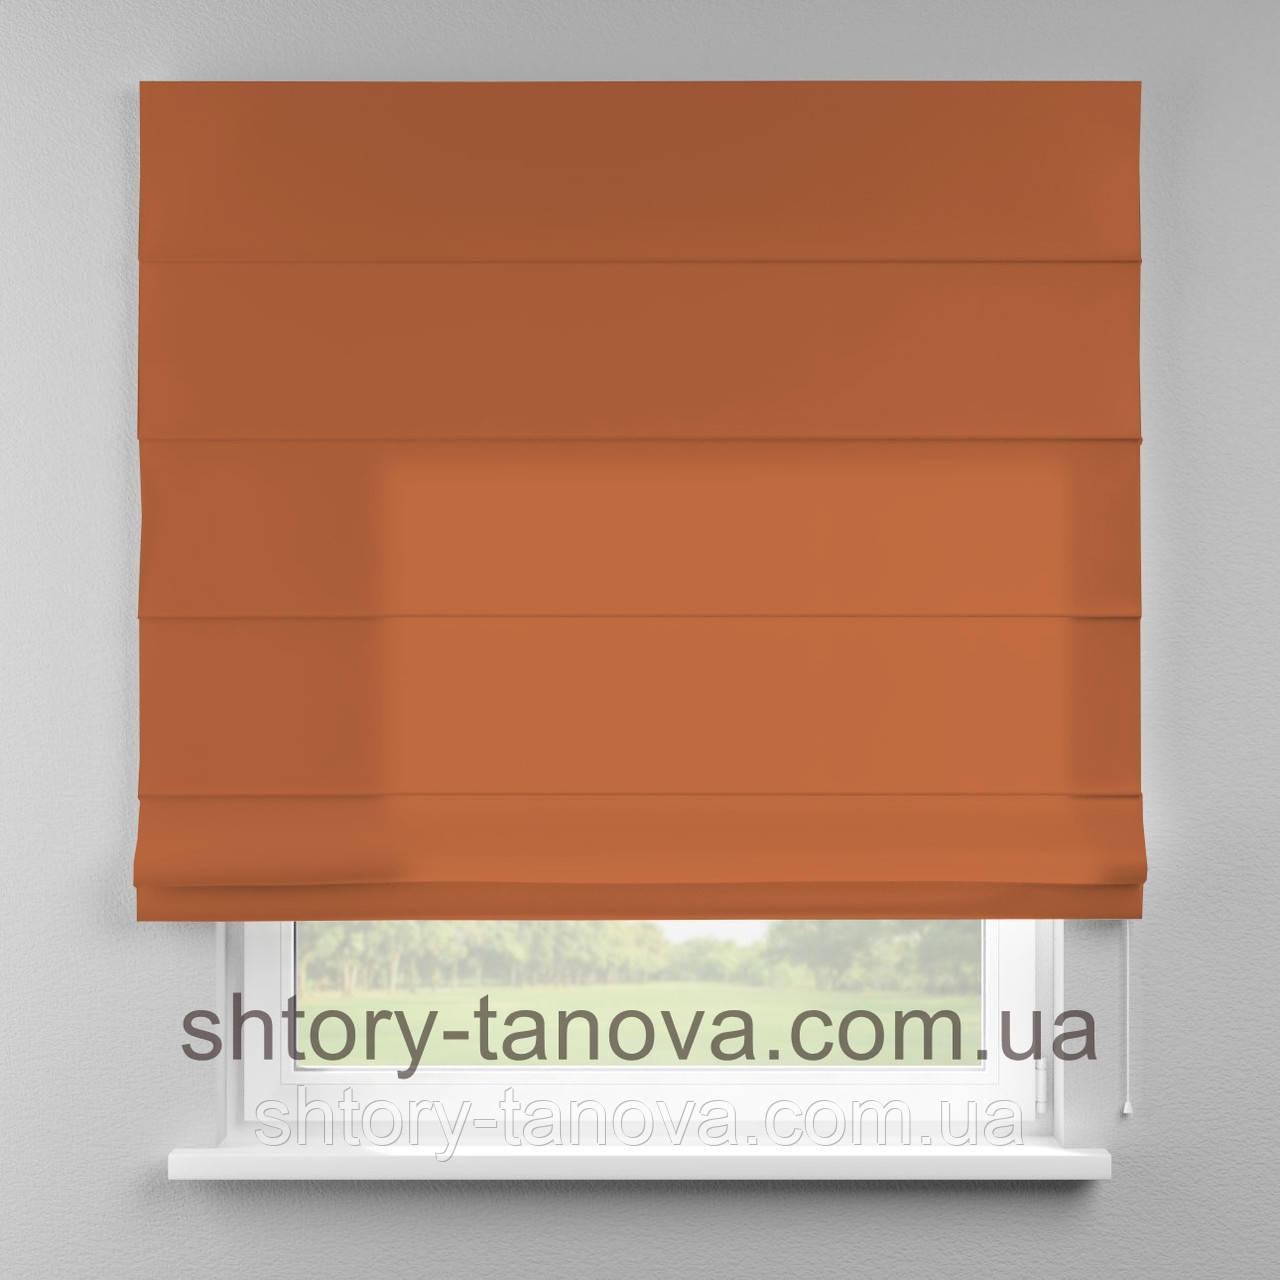 Римская штора 160x170 см из однотонной ткани, кирпичный, полиэстер